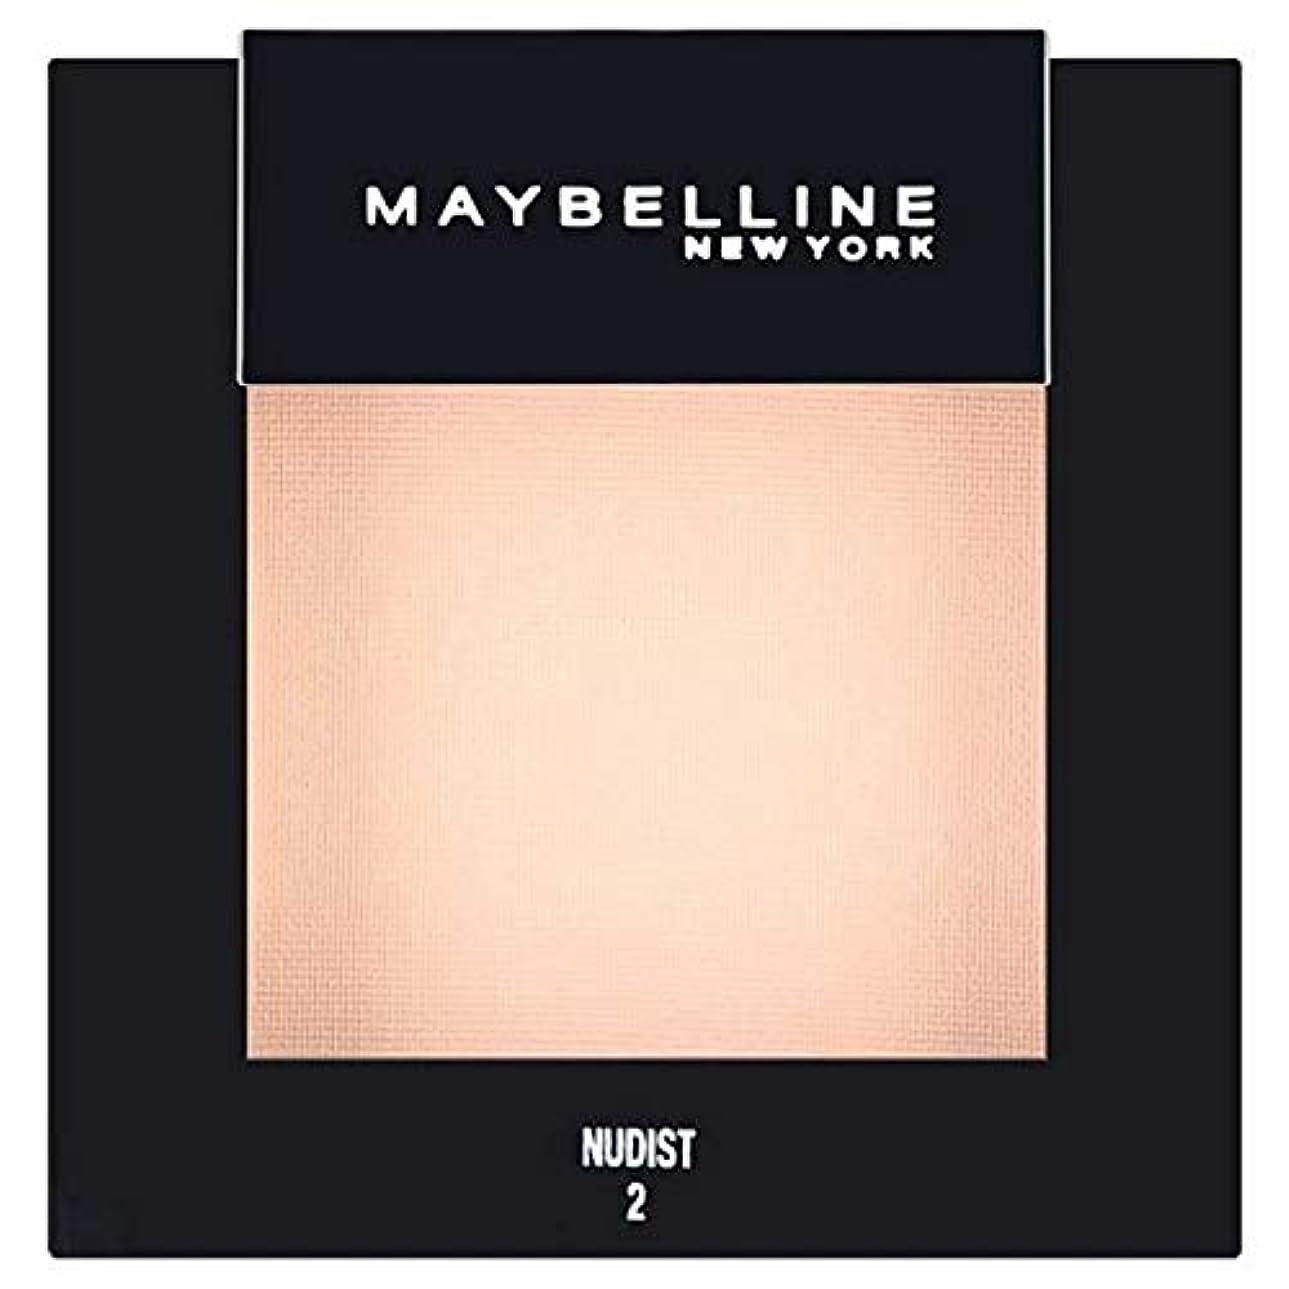 干渉突進アリス[Maybelline ] メイベリンカラーショーシングルアイシャドウ02ヌーディスト - Maybelline Color Show Single Eyeshadow 02 Nudist [並行輸入品]